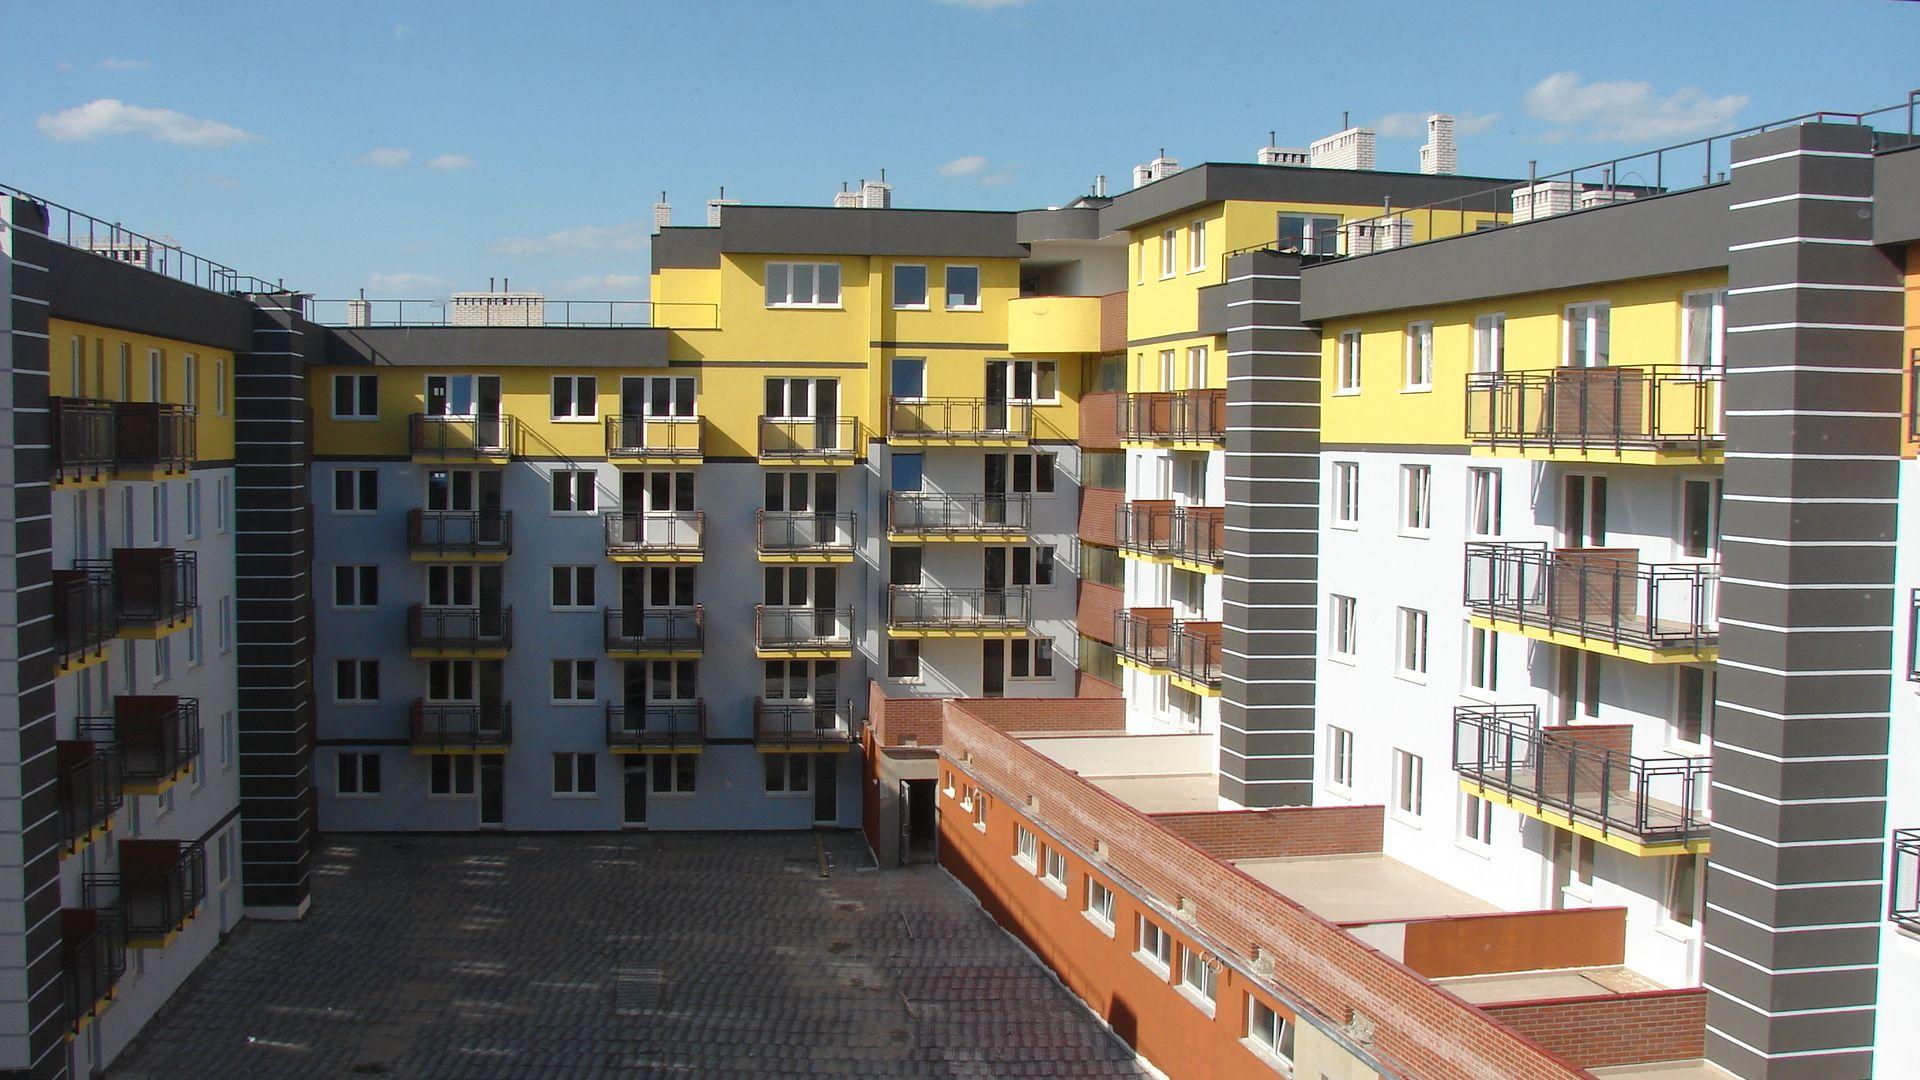 [Polska] Wybór odpowiedniego mieszkania – czym się kierować?